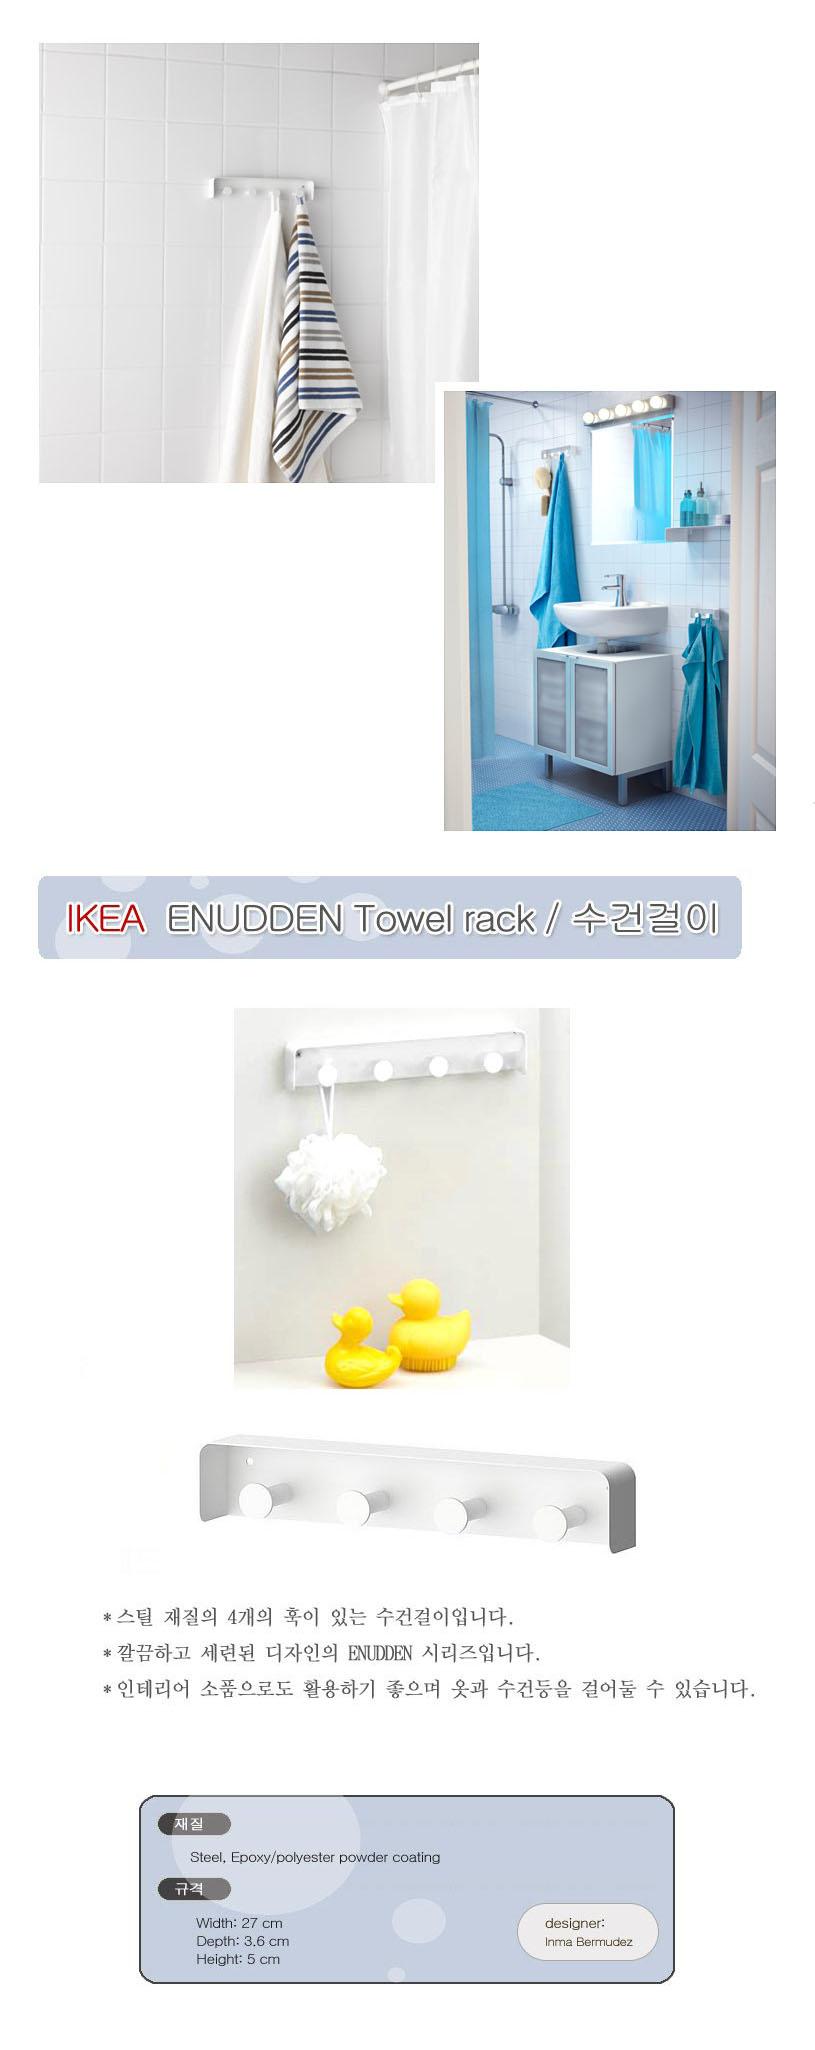 ENUDDEN 수건걸이 - 이케아, 10,000원, 정리용품/청소, 홀더/타올/휴지걸이